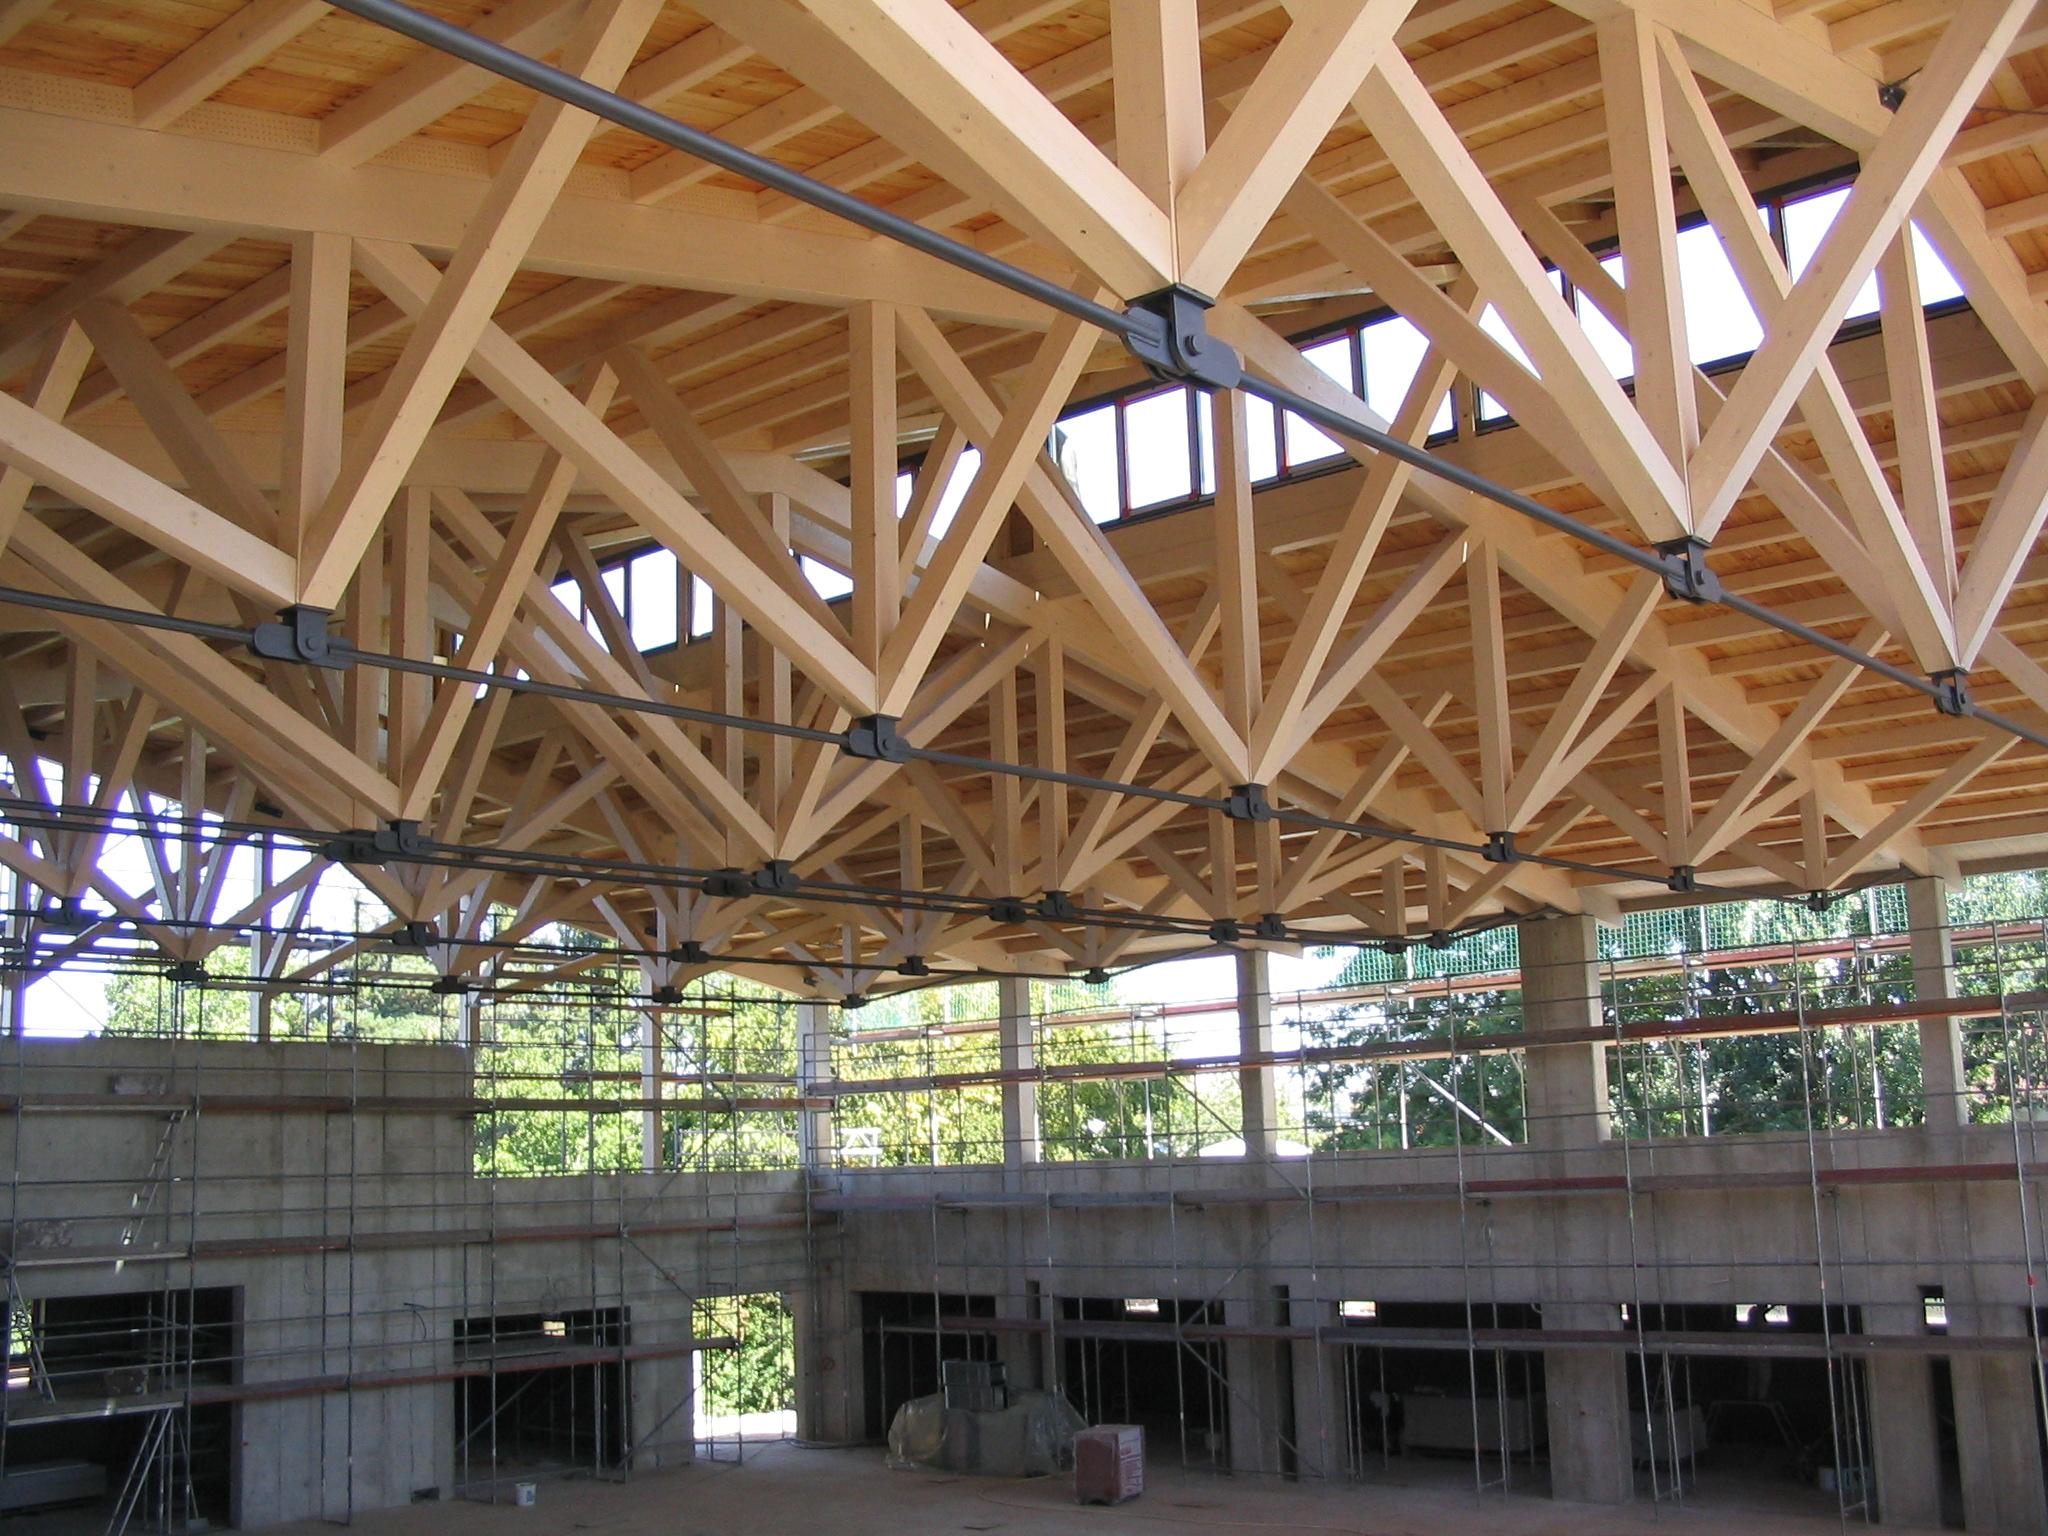 Neubau Zweifachturnhalle Niederaichbach 2002 - Blick auf Dachkonstruktion